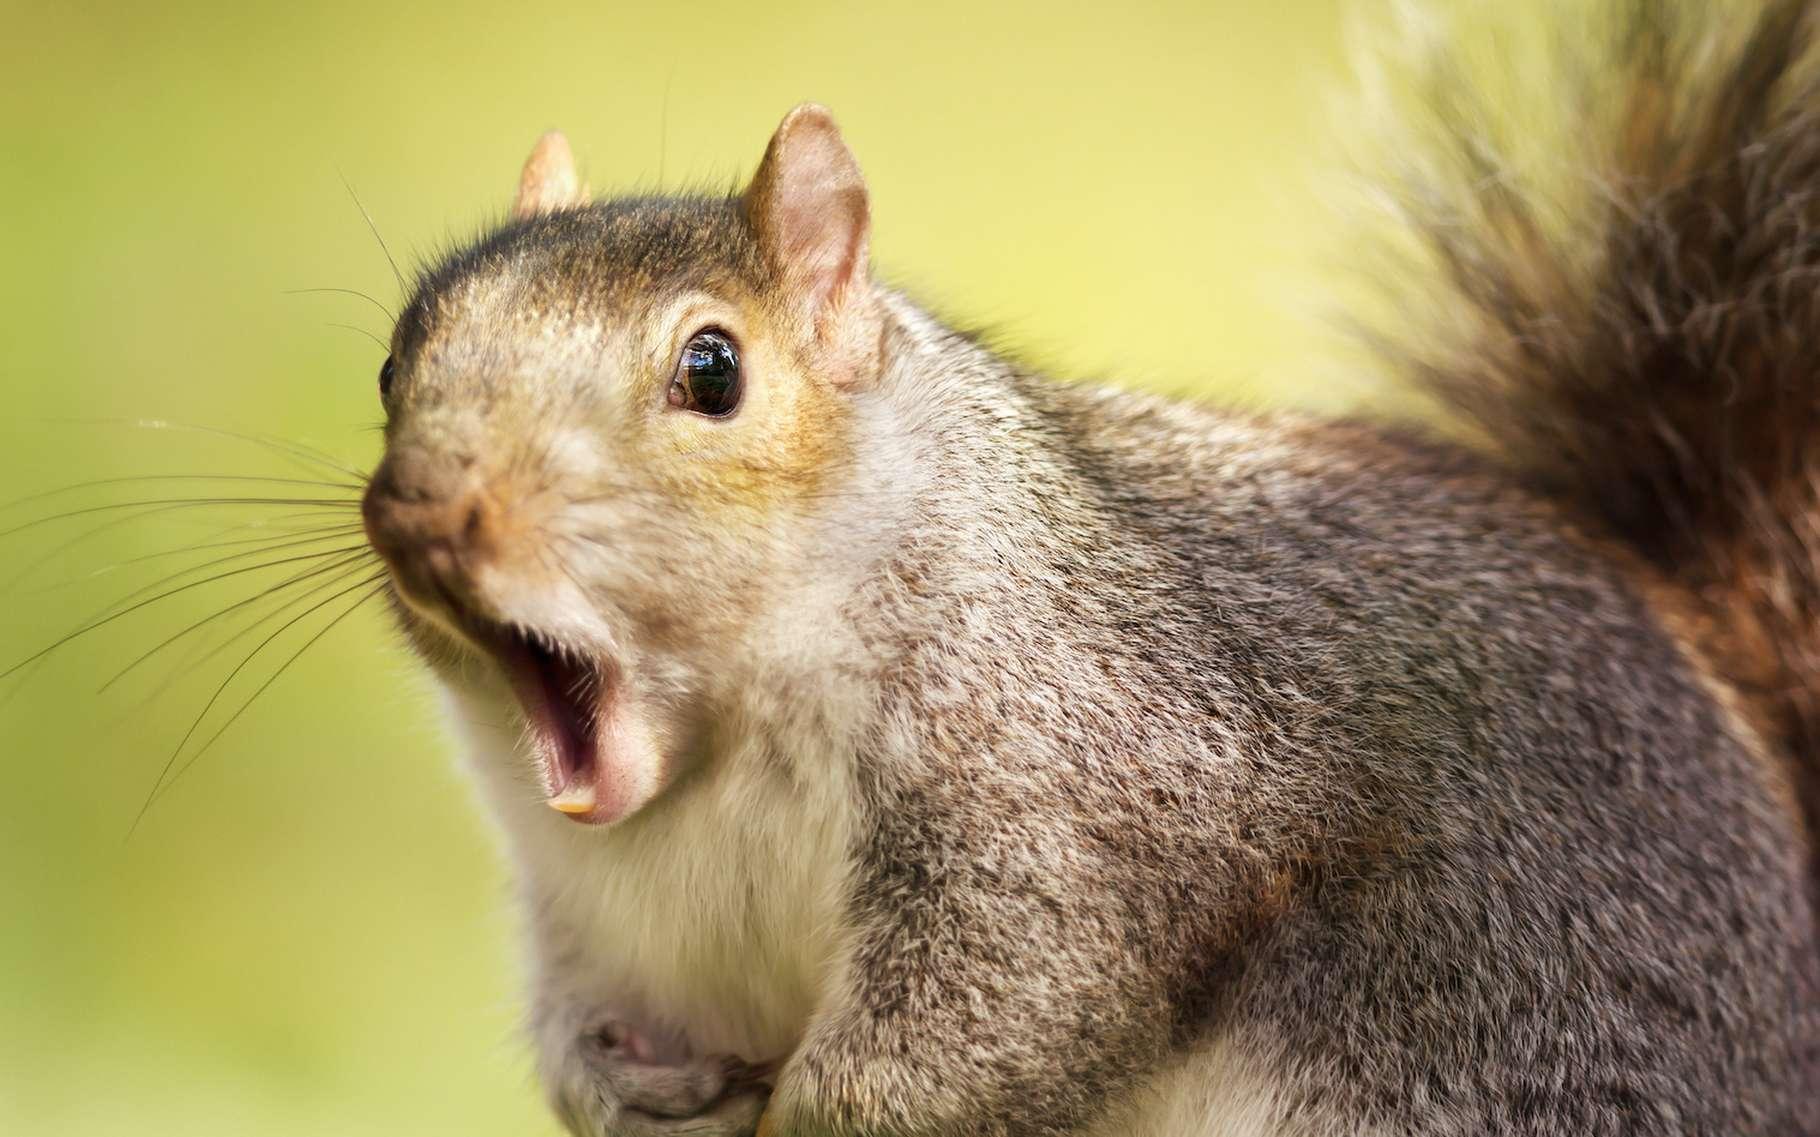 L'écureuil gris est l'un de ces animaux que l'on considère parfois comme un peu simplets. Pourtant, il fait montre d'une mémoire plutôt sûre. Et sait mettre en œuvre des stratégies de tromperie élaborées. Pas si bête ? © giedriius, Adobe Stock